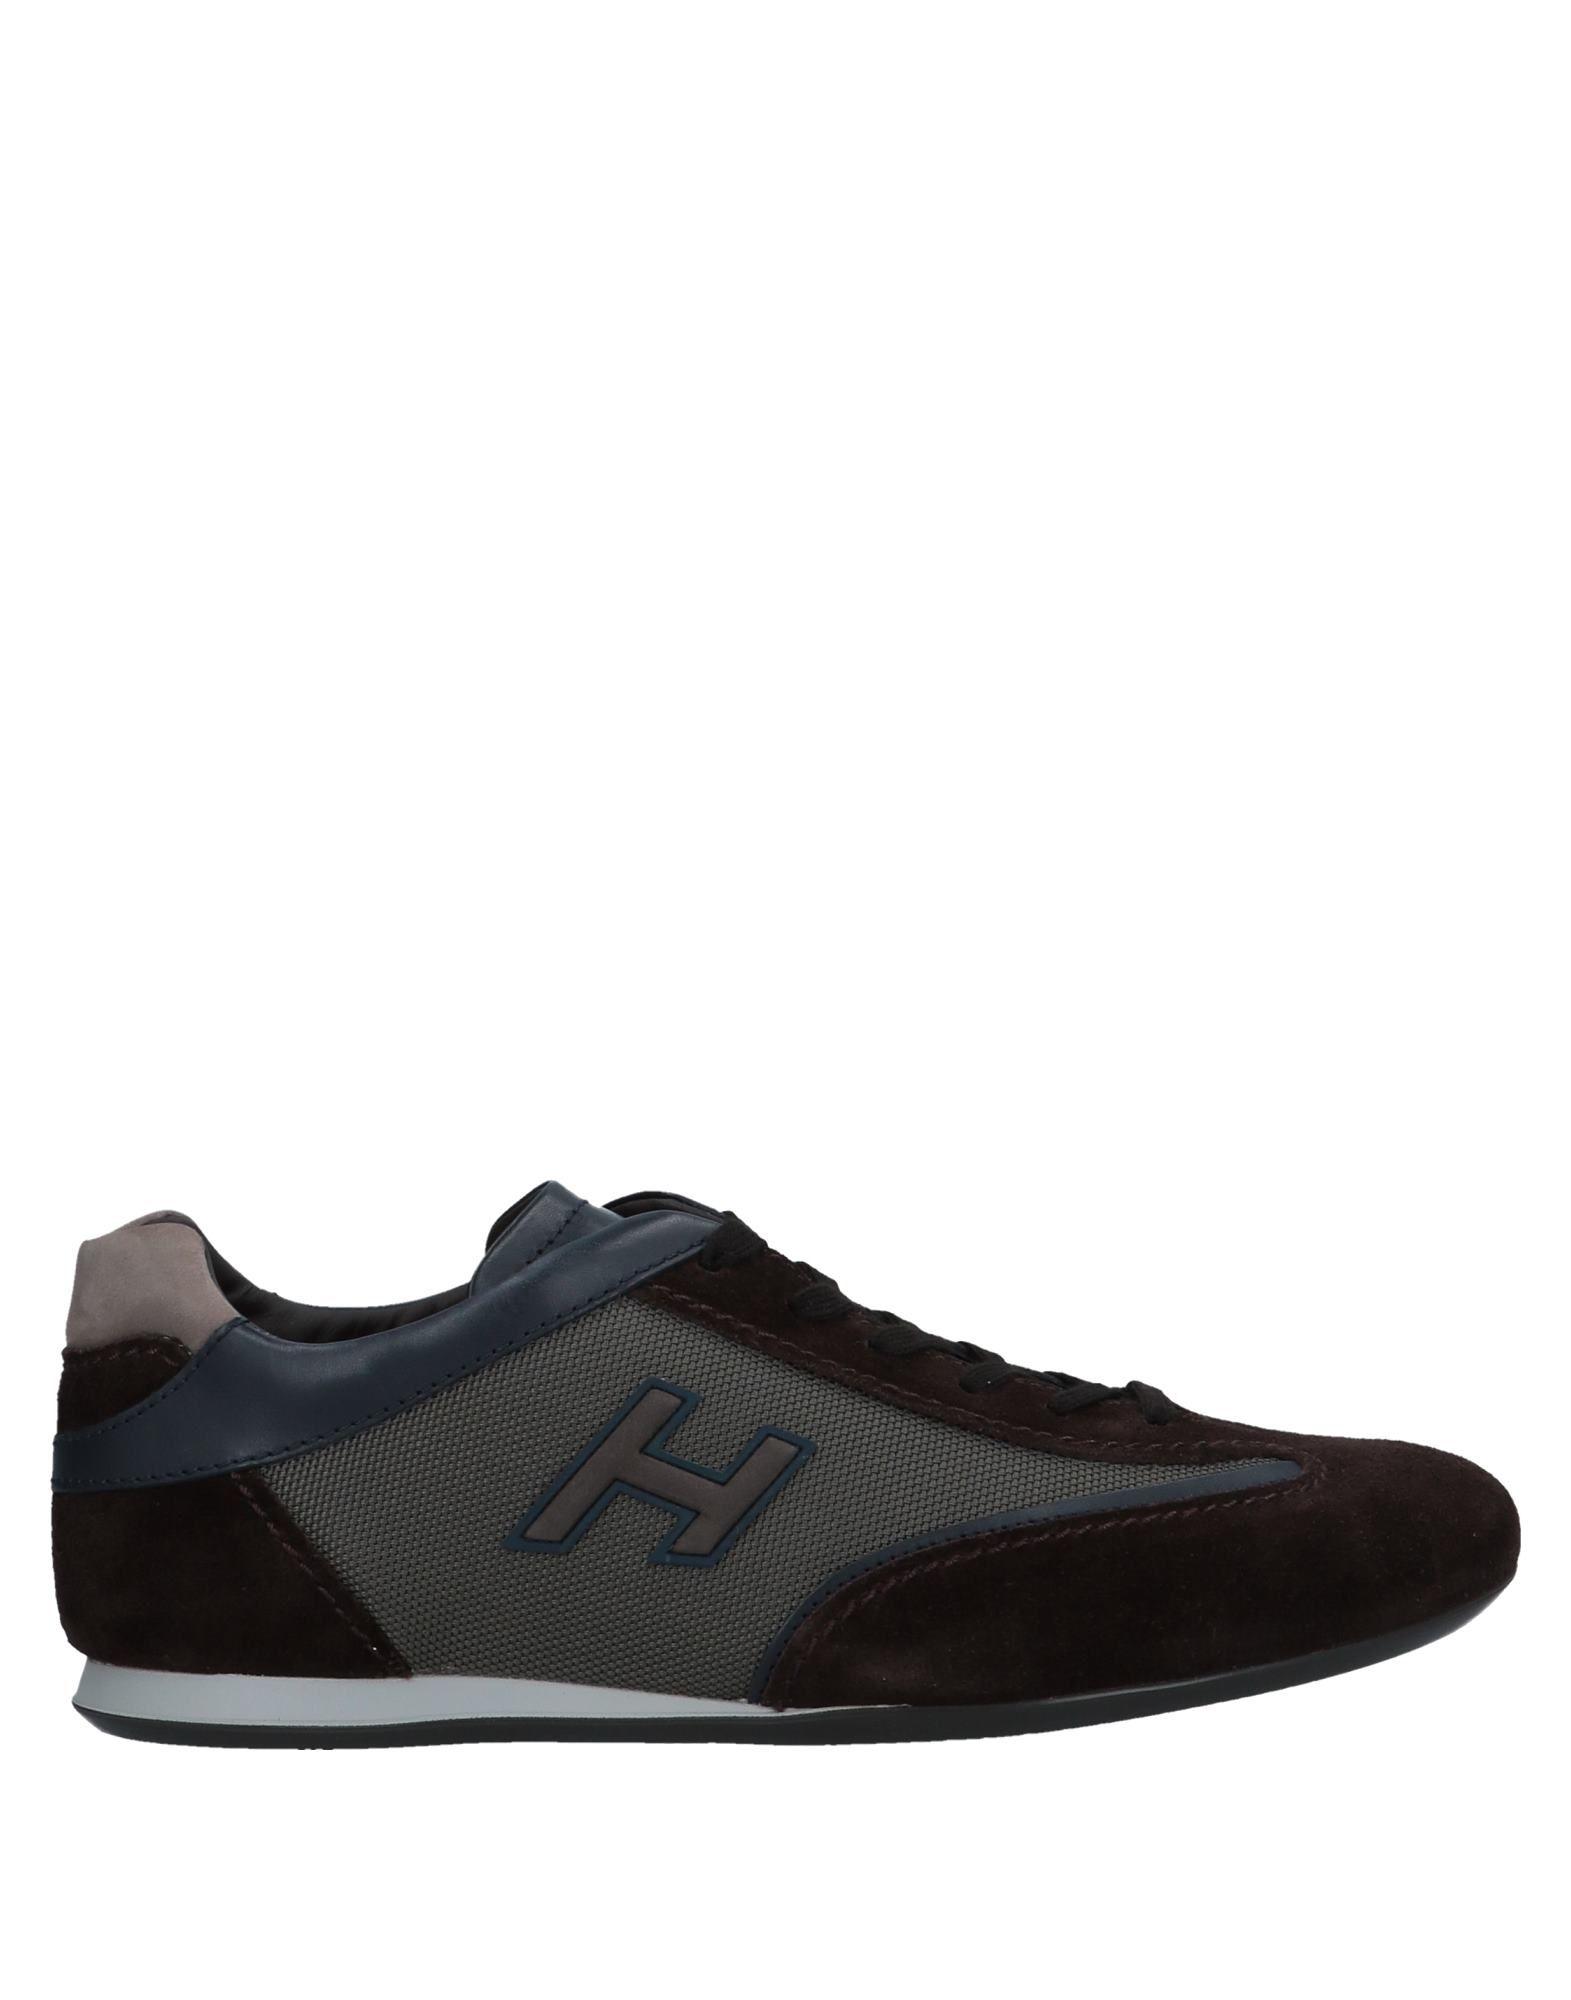 Hogan Sneakers Herren  11038506VV Schuhe Gute Qualität beliebte Schuhe 11038506VV b80721